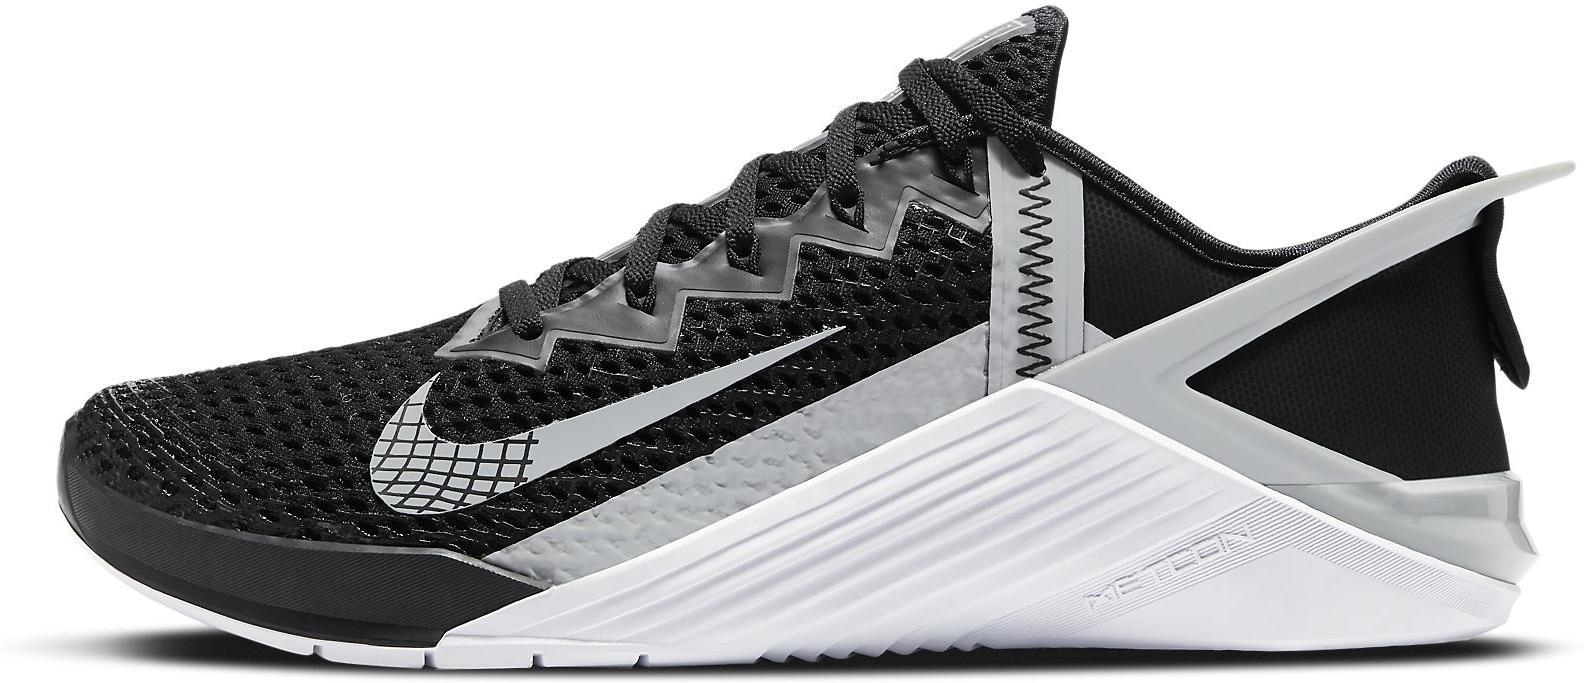 Zapatillas de fitness Nike METCON 6 FLYEASE